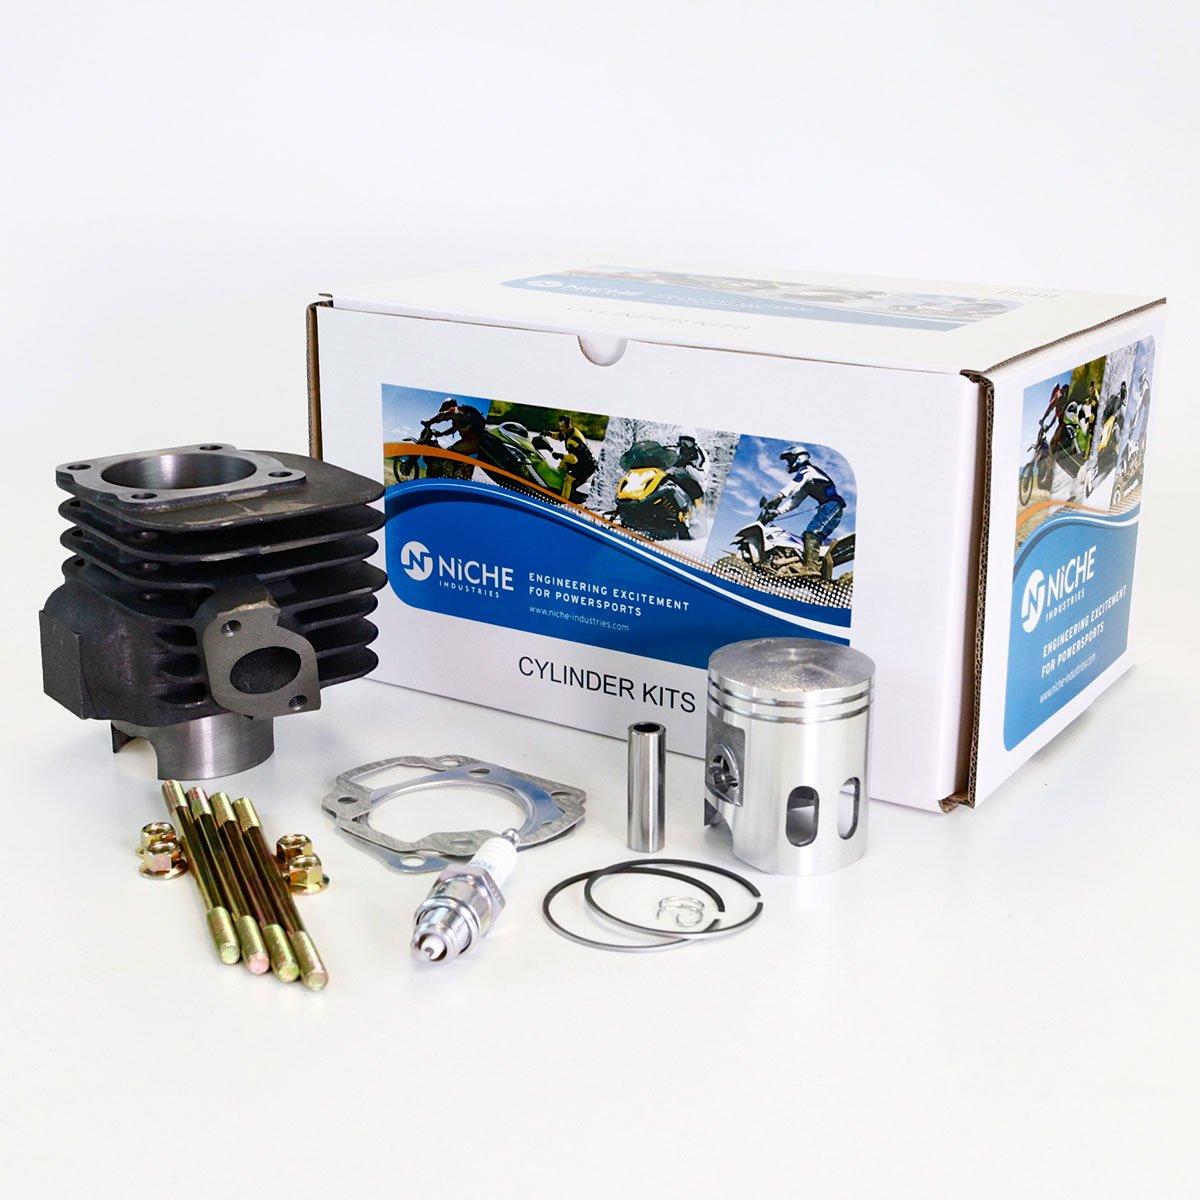 NICHE Cylinder Piston Gasket Top End Kit for Polaris Scrambler 90 2001-2003 Niche Industries